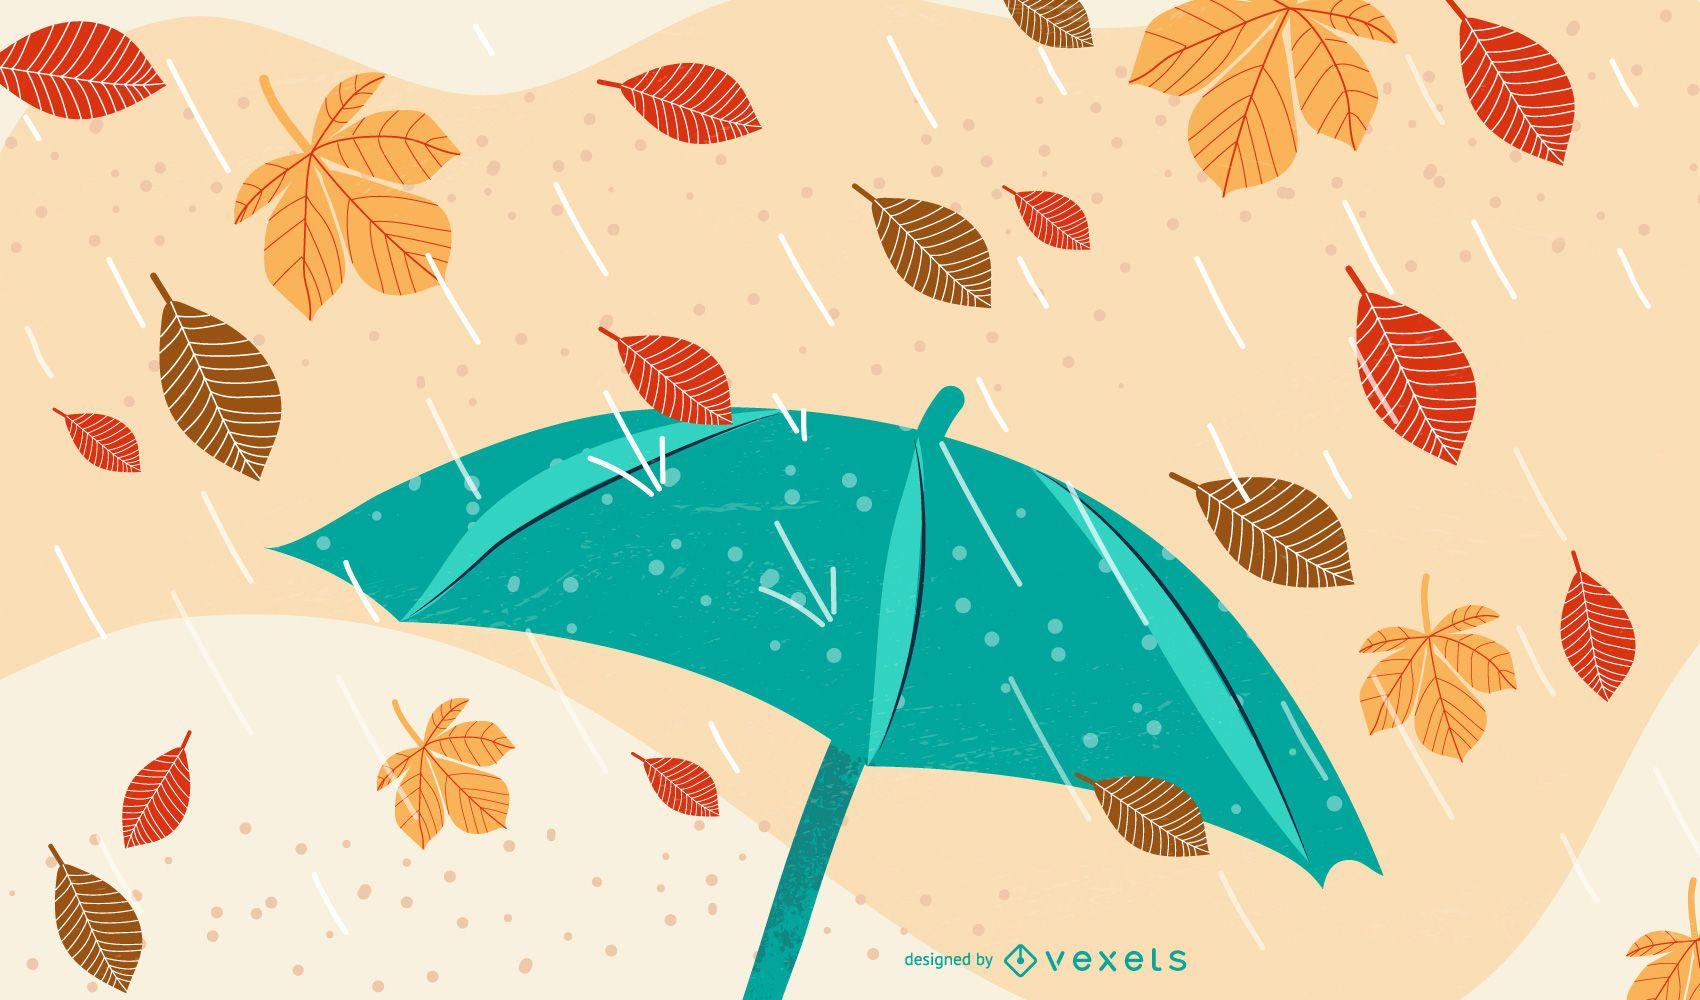 Funky hojas de otoño dibujadas a mano con lluvia